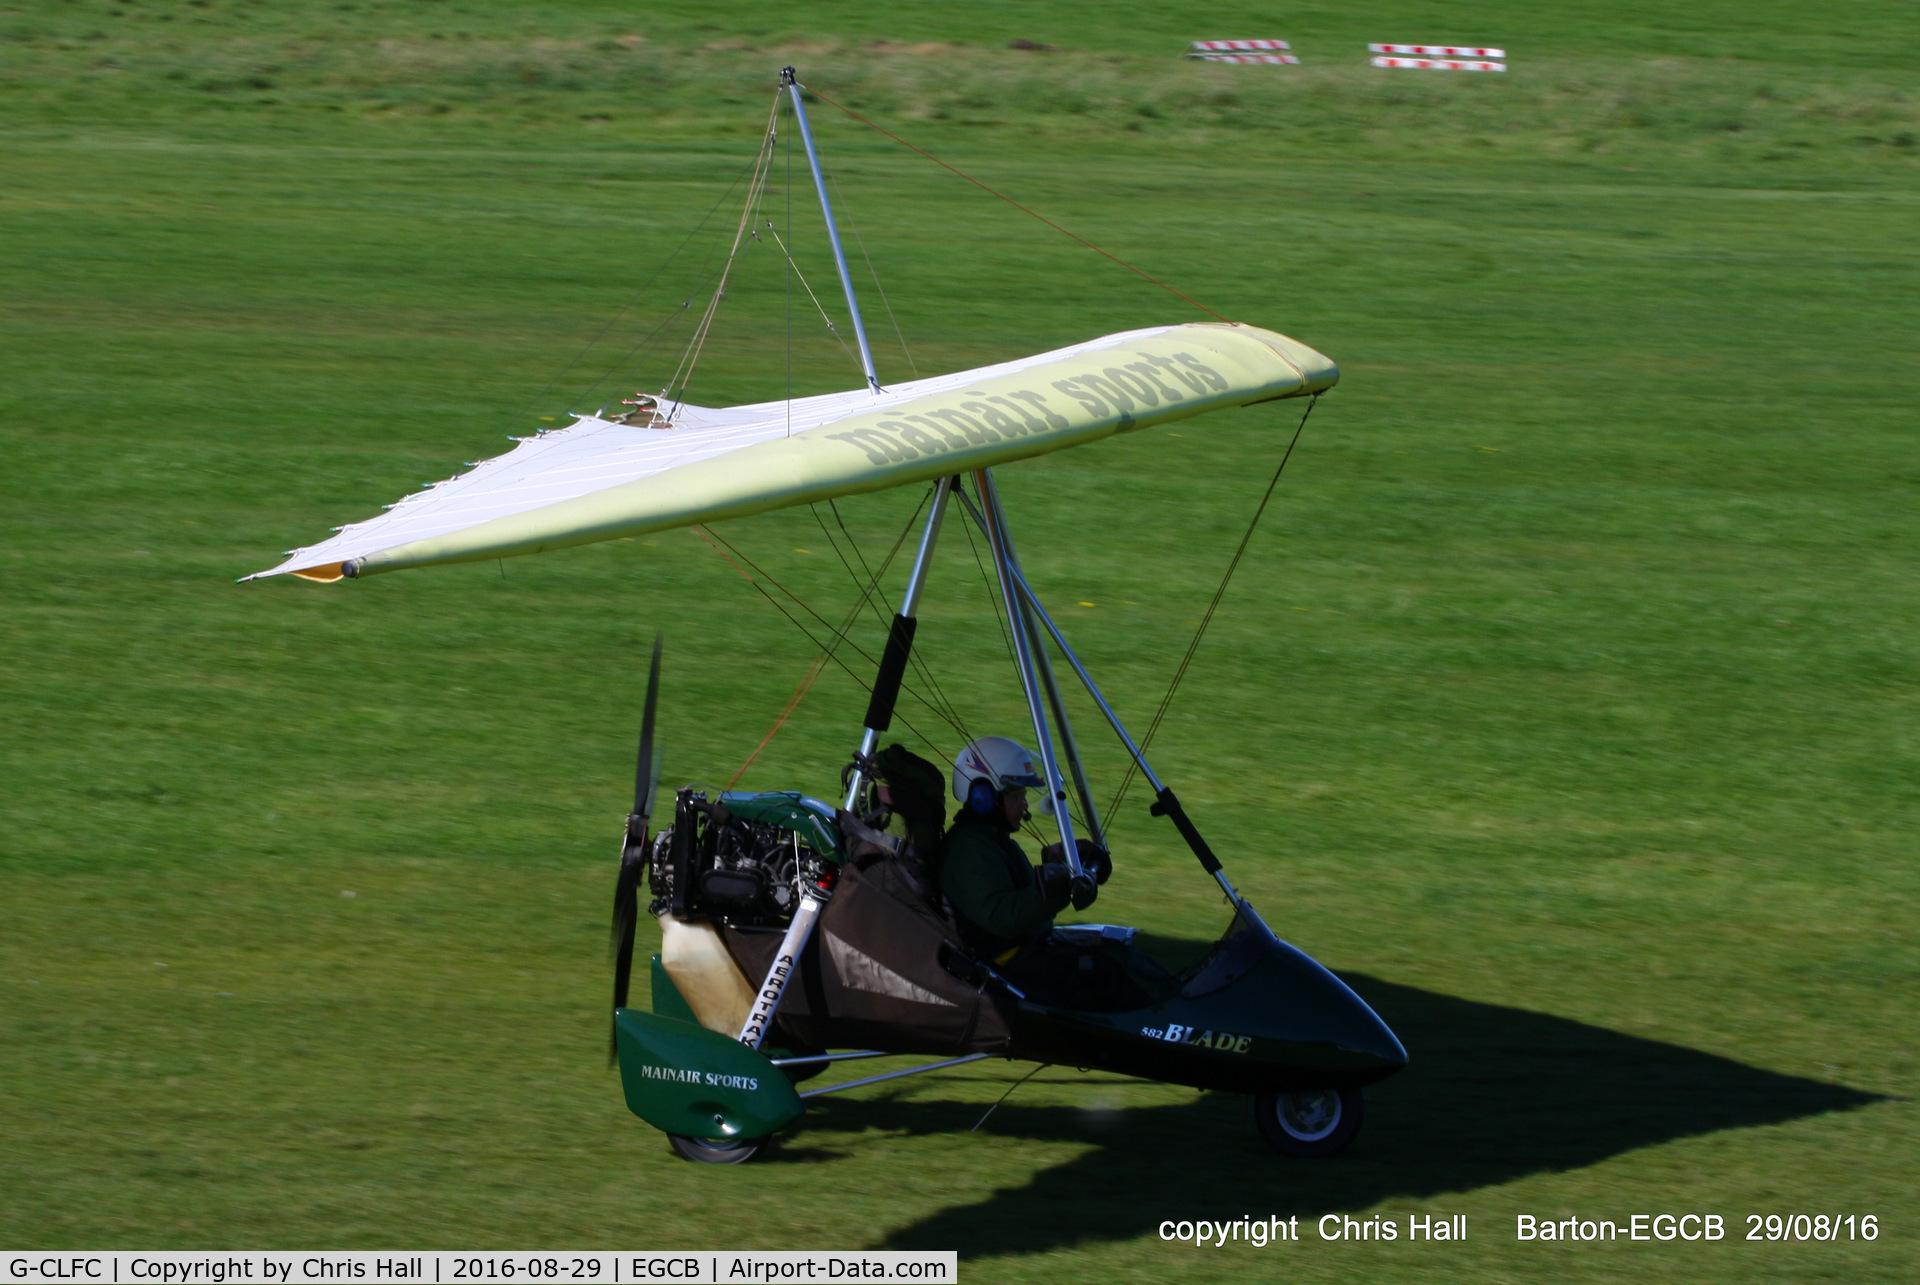 G-CLFC, 2002 Mainair Blade C/N 1324-0502-7-W1119, at Barton